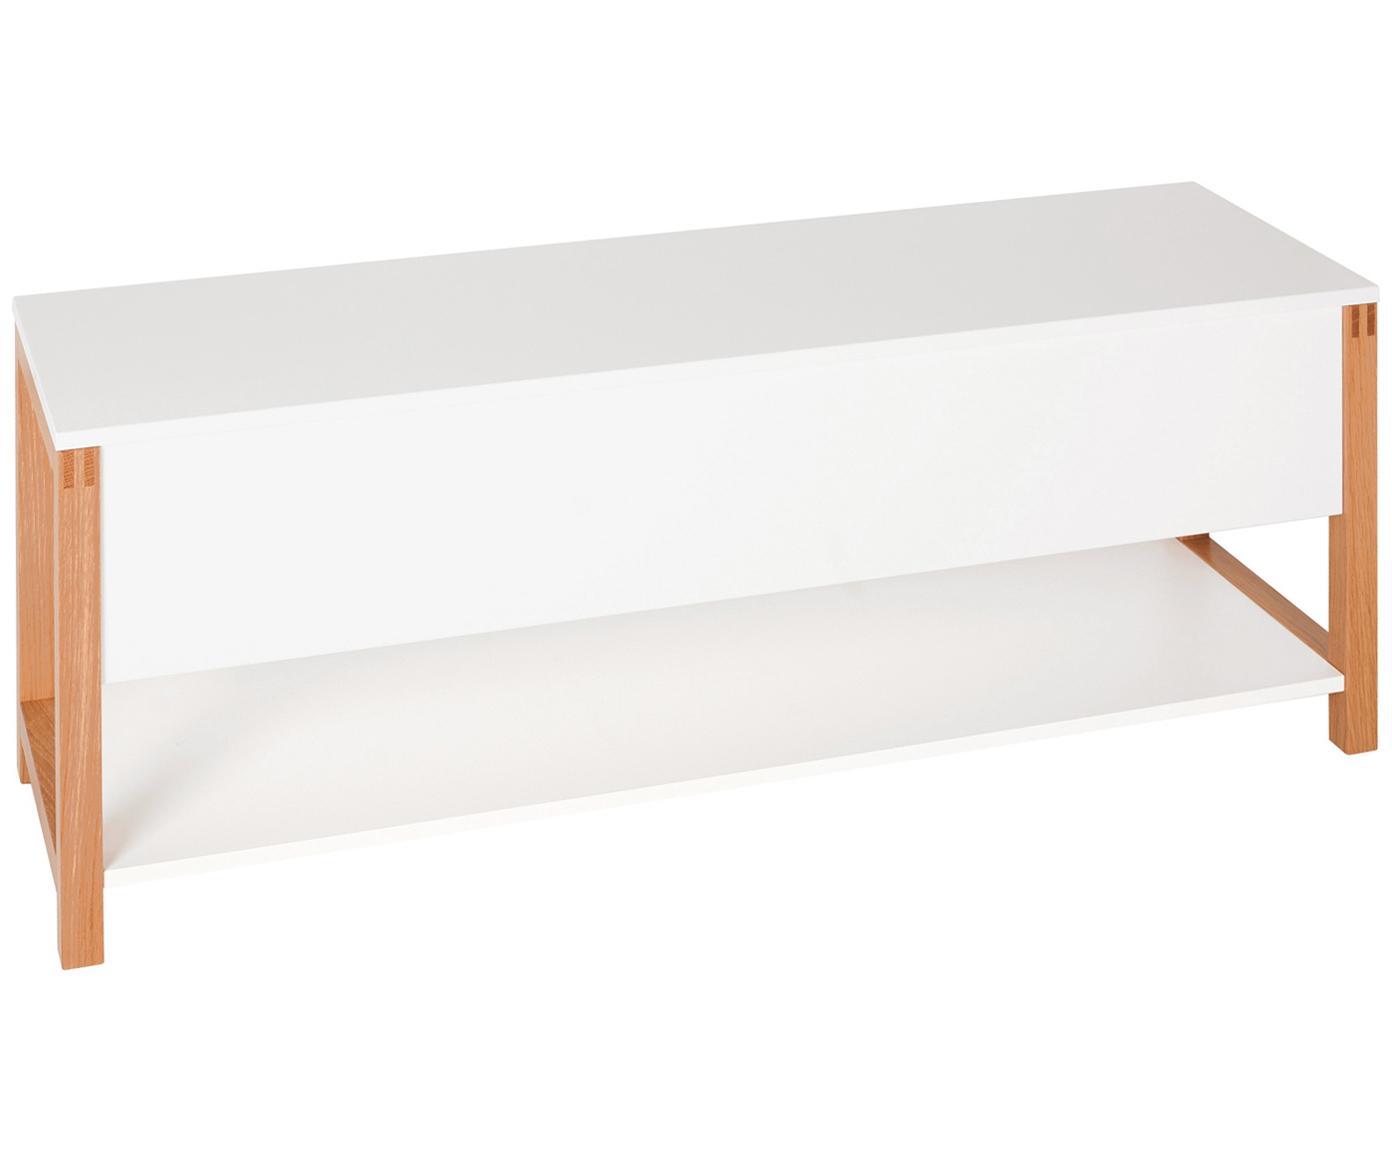 Schuhbank Northgate mit Stauraum, Rahmen: Eichenholz, Weiß, 120 x 48 cm